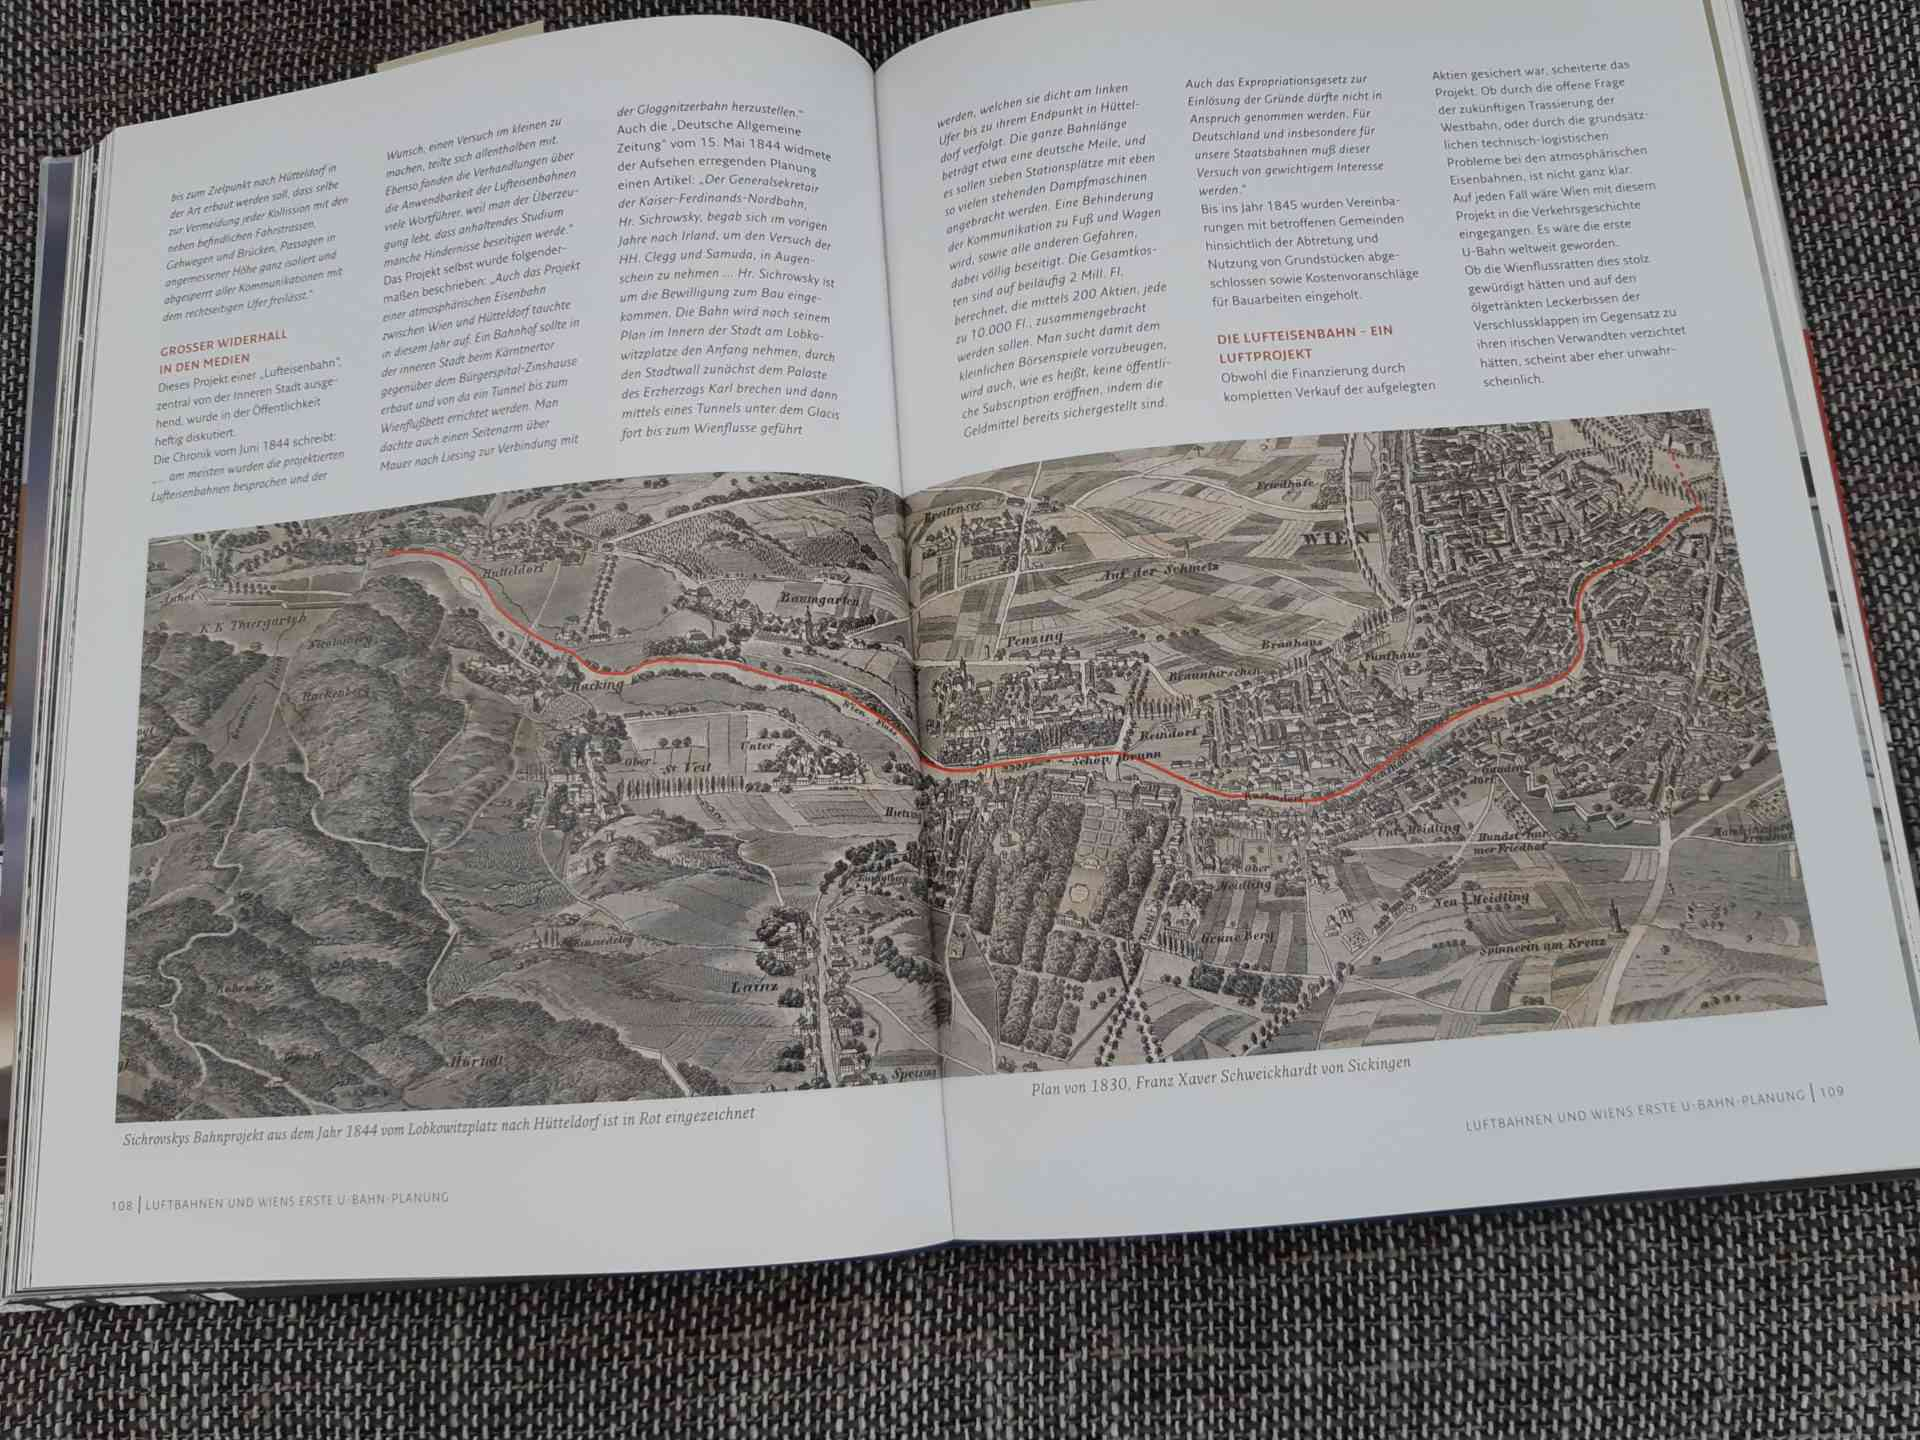 50 Jahre Spatenstich U-Bahn Wien: U-Bahn-Plan aus 1844